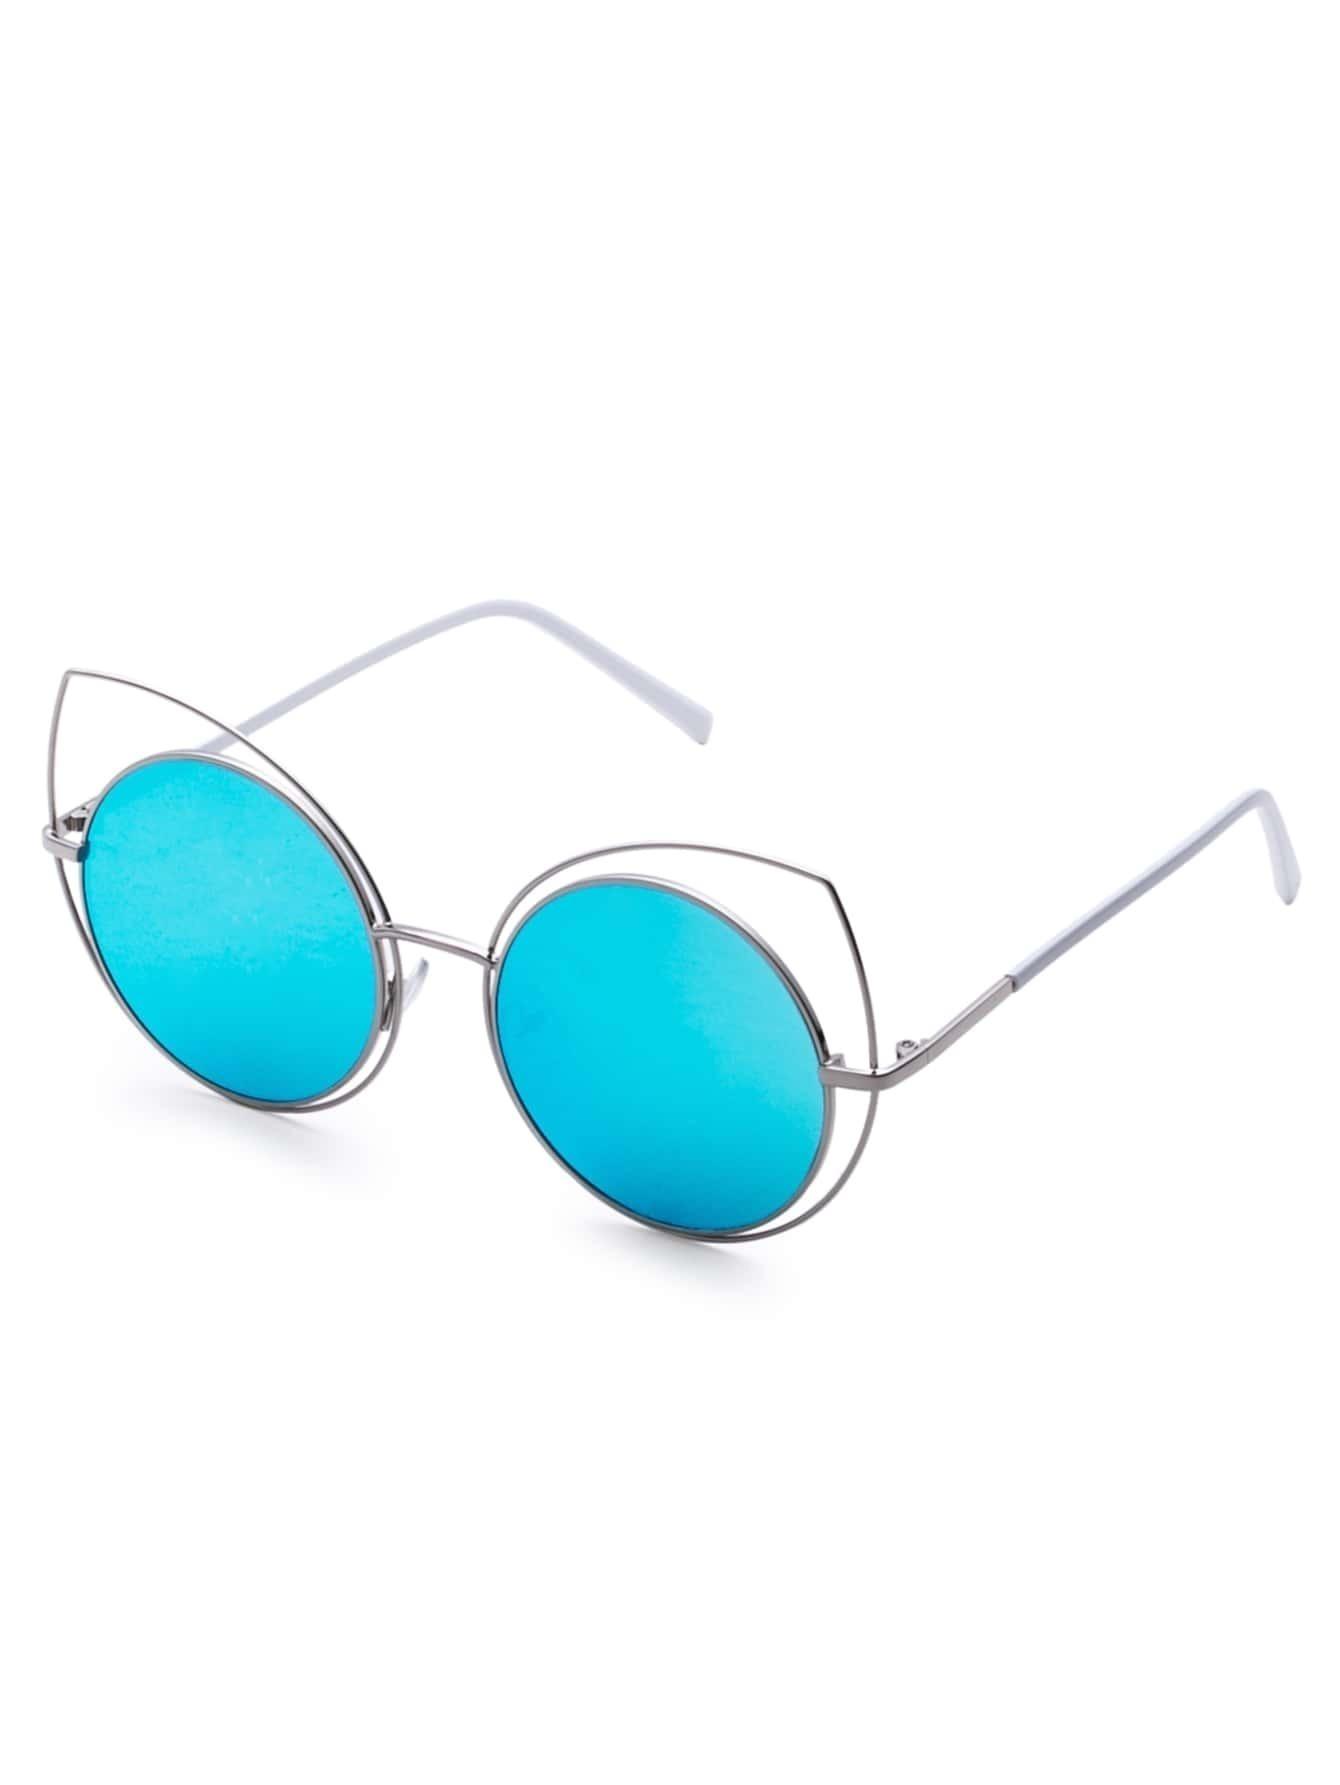 Gold Frame Blue Lens Cat Eye Sunglasses